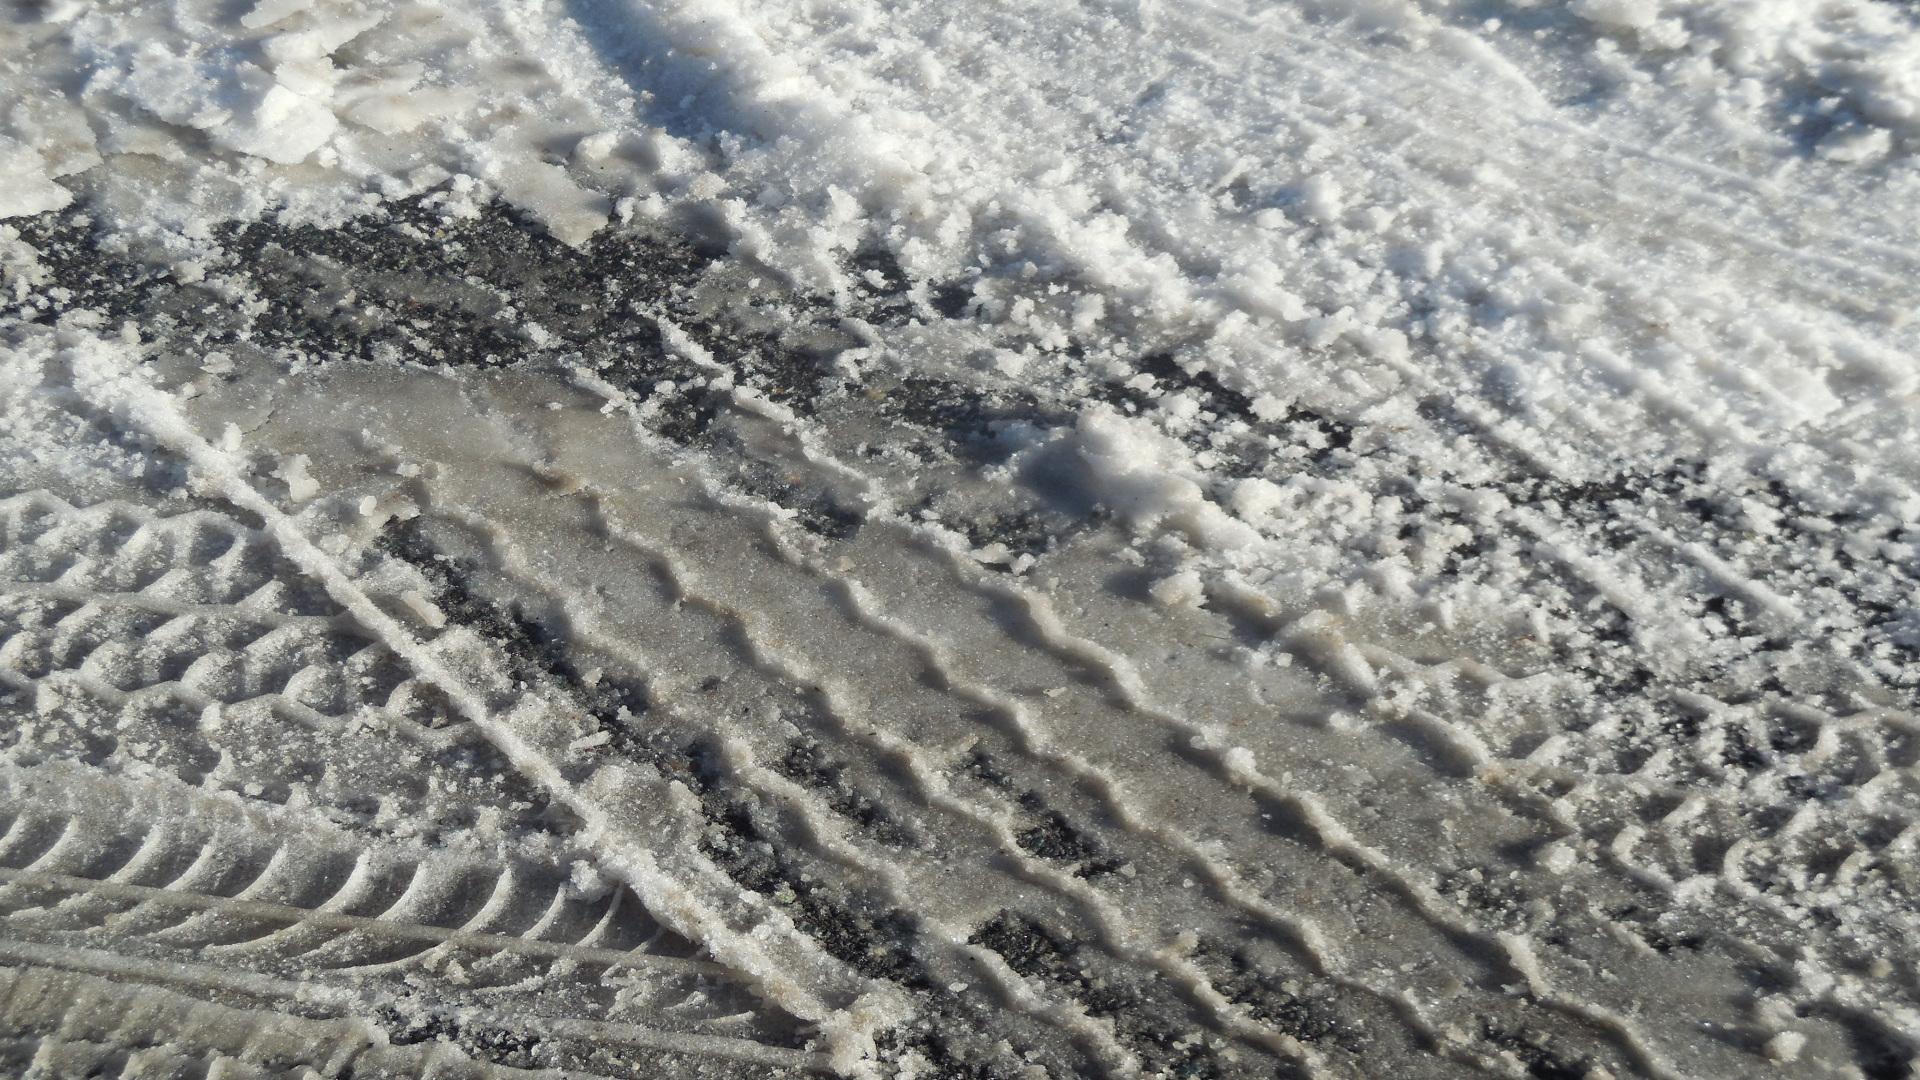 El sal que se utiliza en la carretera puede provocar daños en tu coche1920